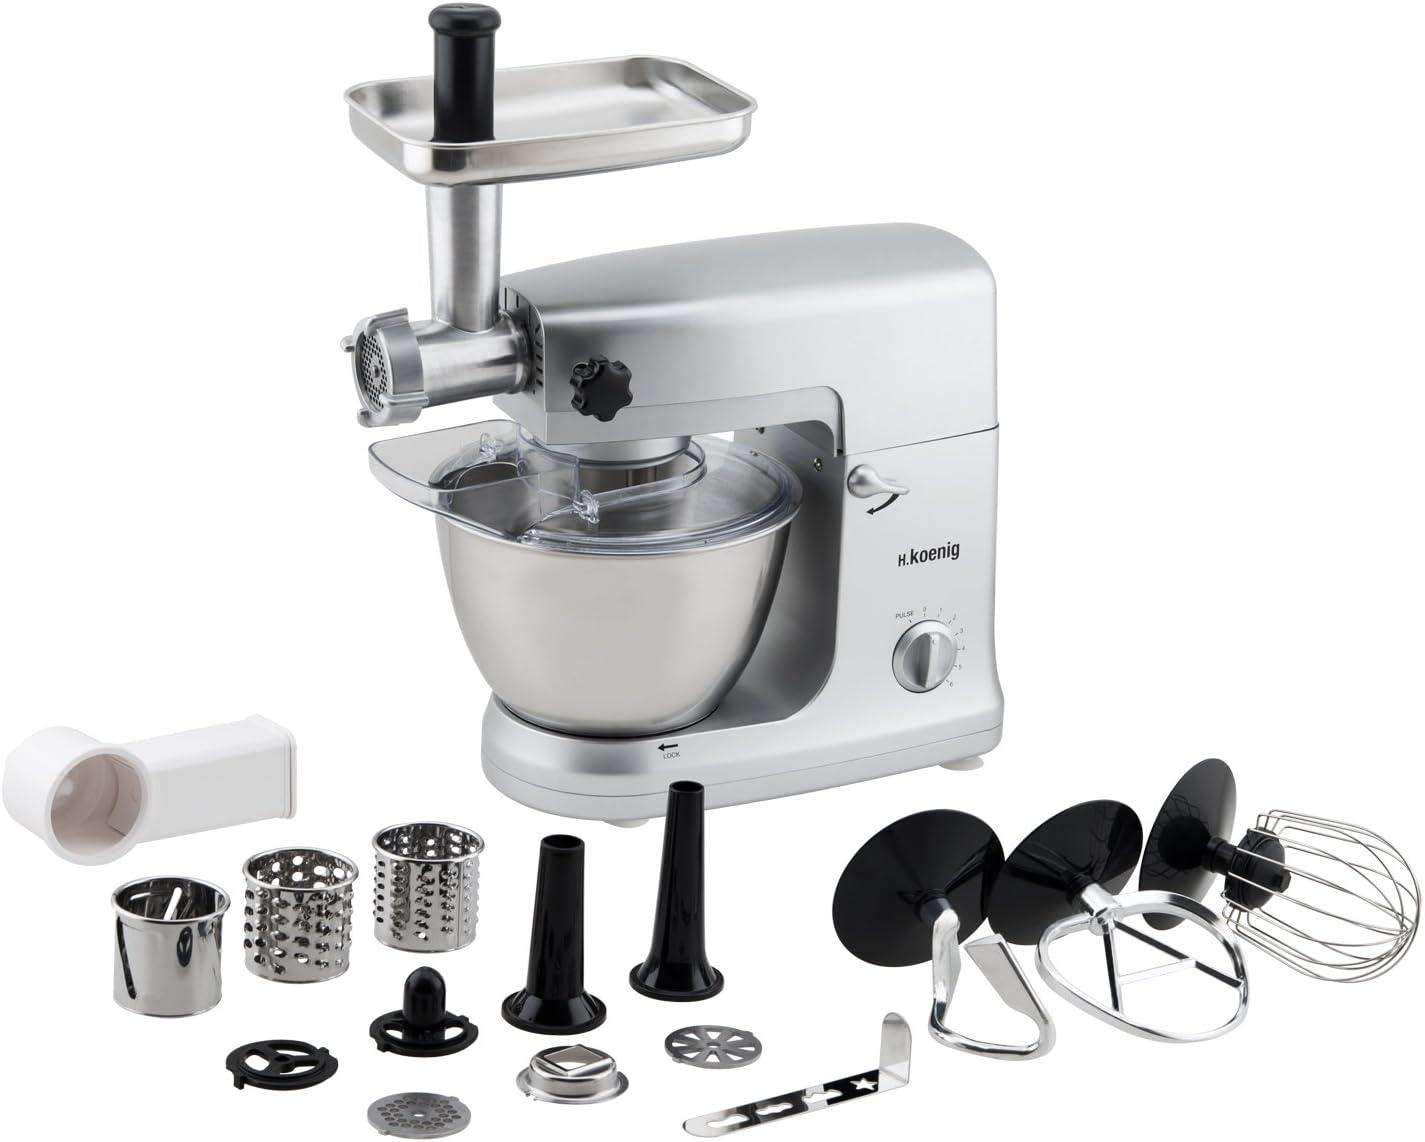 H.Koenig KM 65 KM65-Robot de Cocina multifunción, batidora amasadora, 5 l, 1000 W, Acero Inoxidable: Amazon.es: Hogar